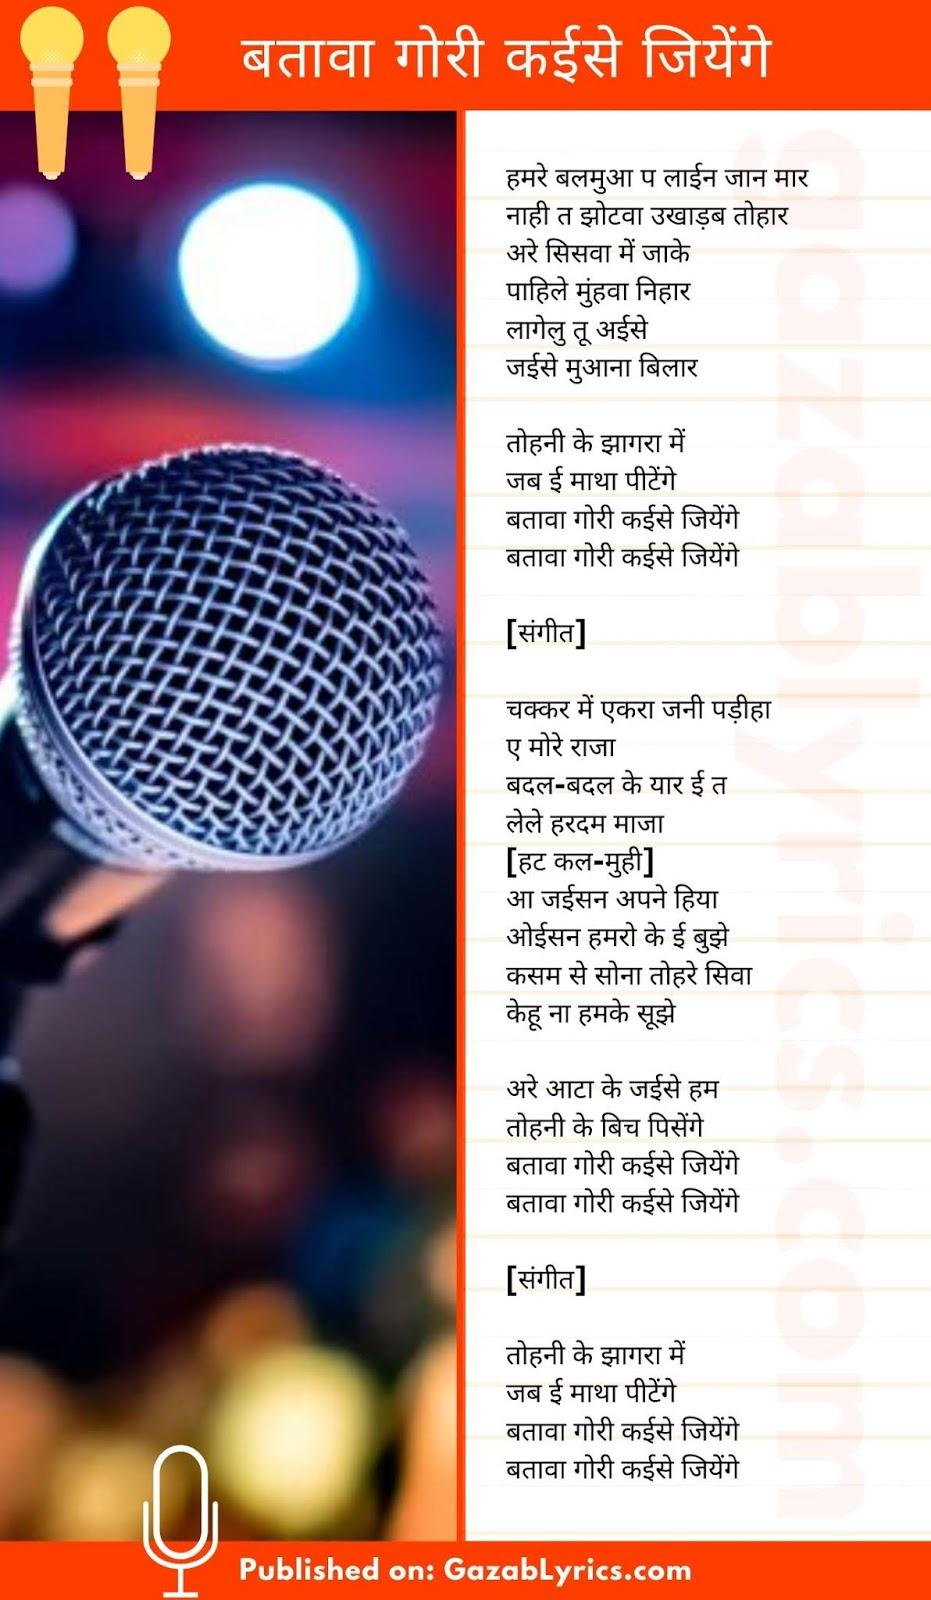 Batawa Gori Kaise Jiyenge song lyrics image